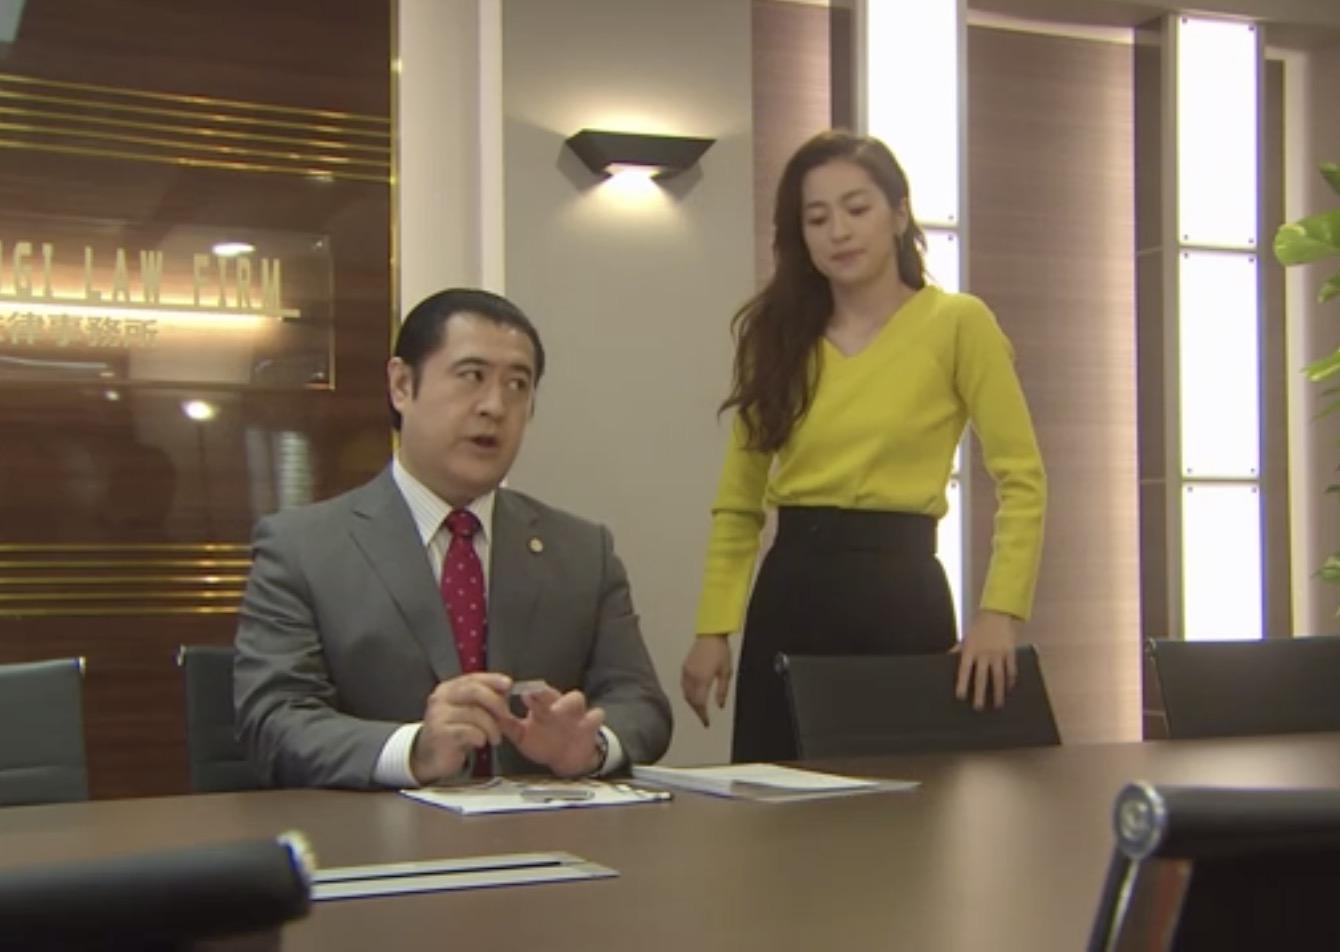 中村アンのファッション、ドラマ「SUITS/スーツ」第7話で着てたPINKY \u0026 DIANNEのスカート